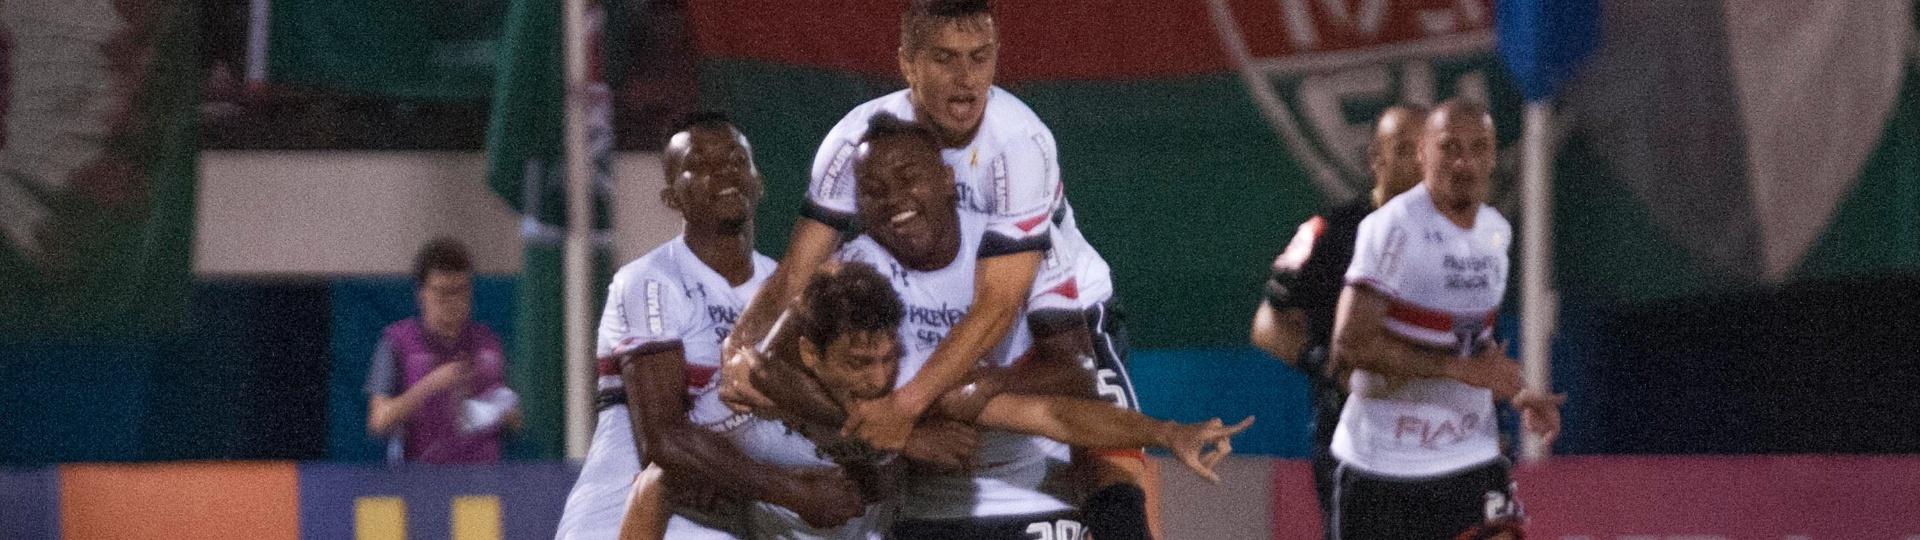 Rodrigo Caio comemora com parceiros um dos gols do São Paulo contra o Fluminense